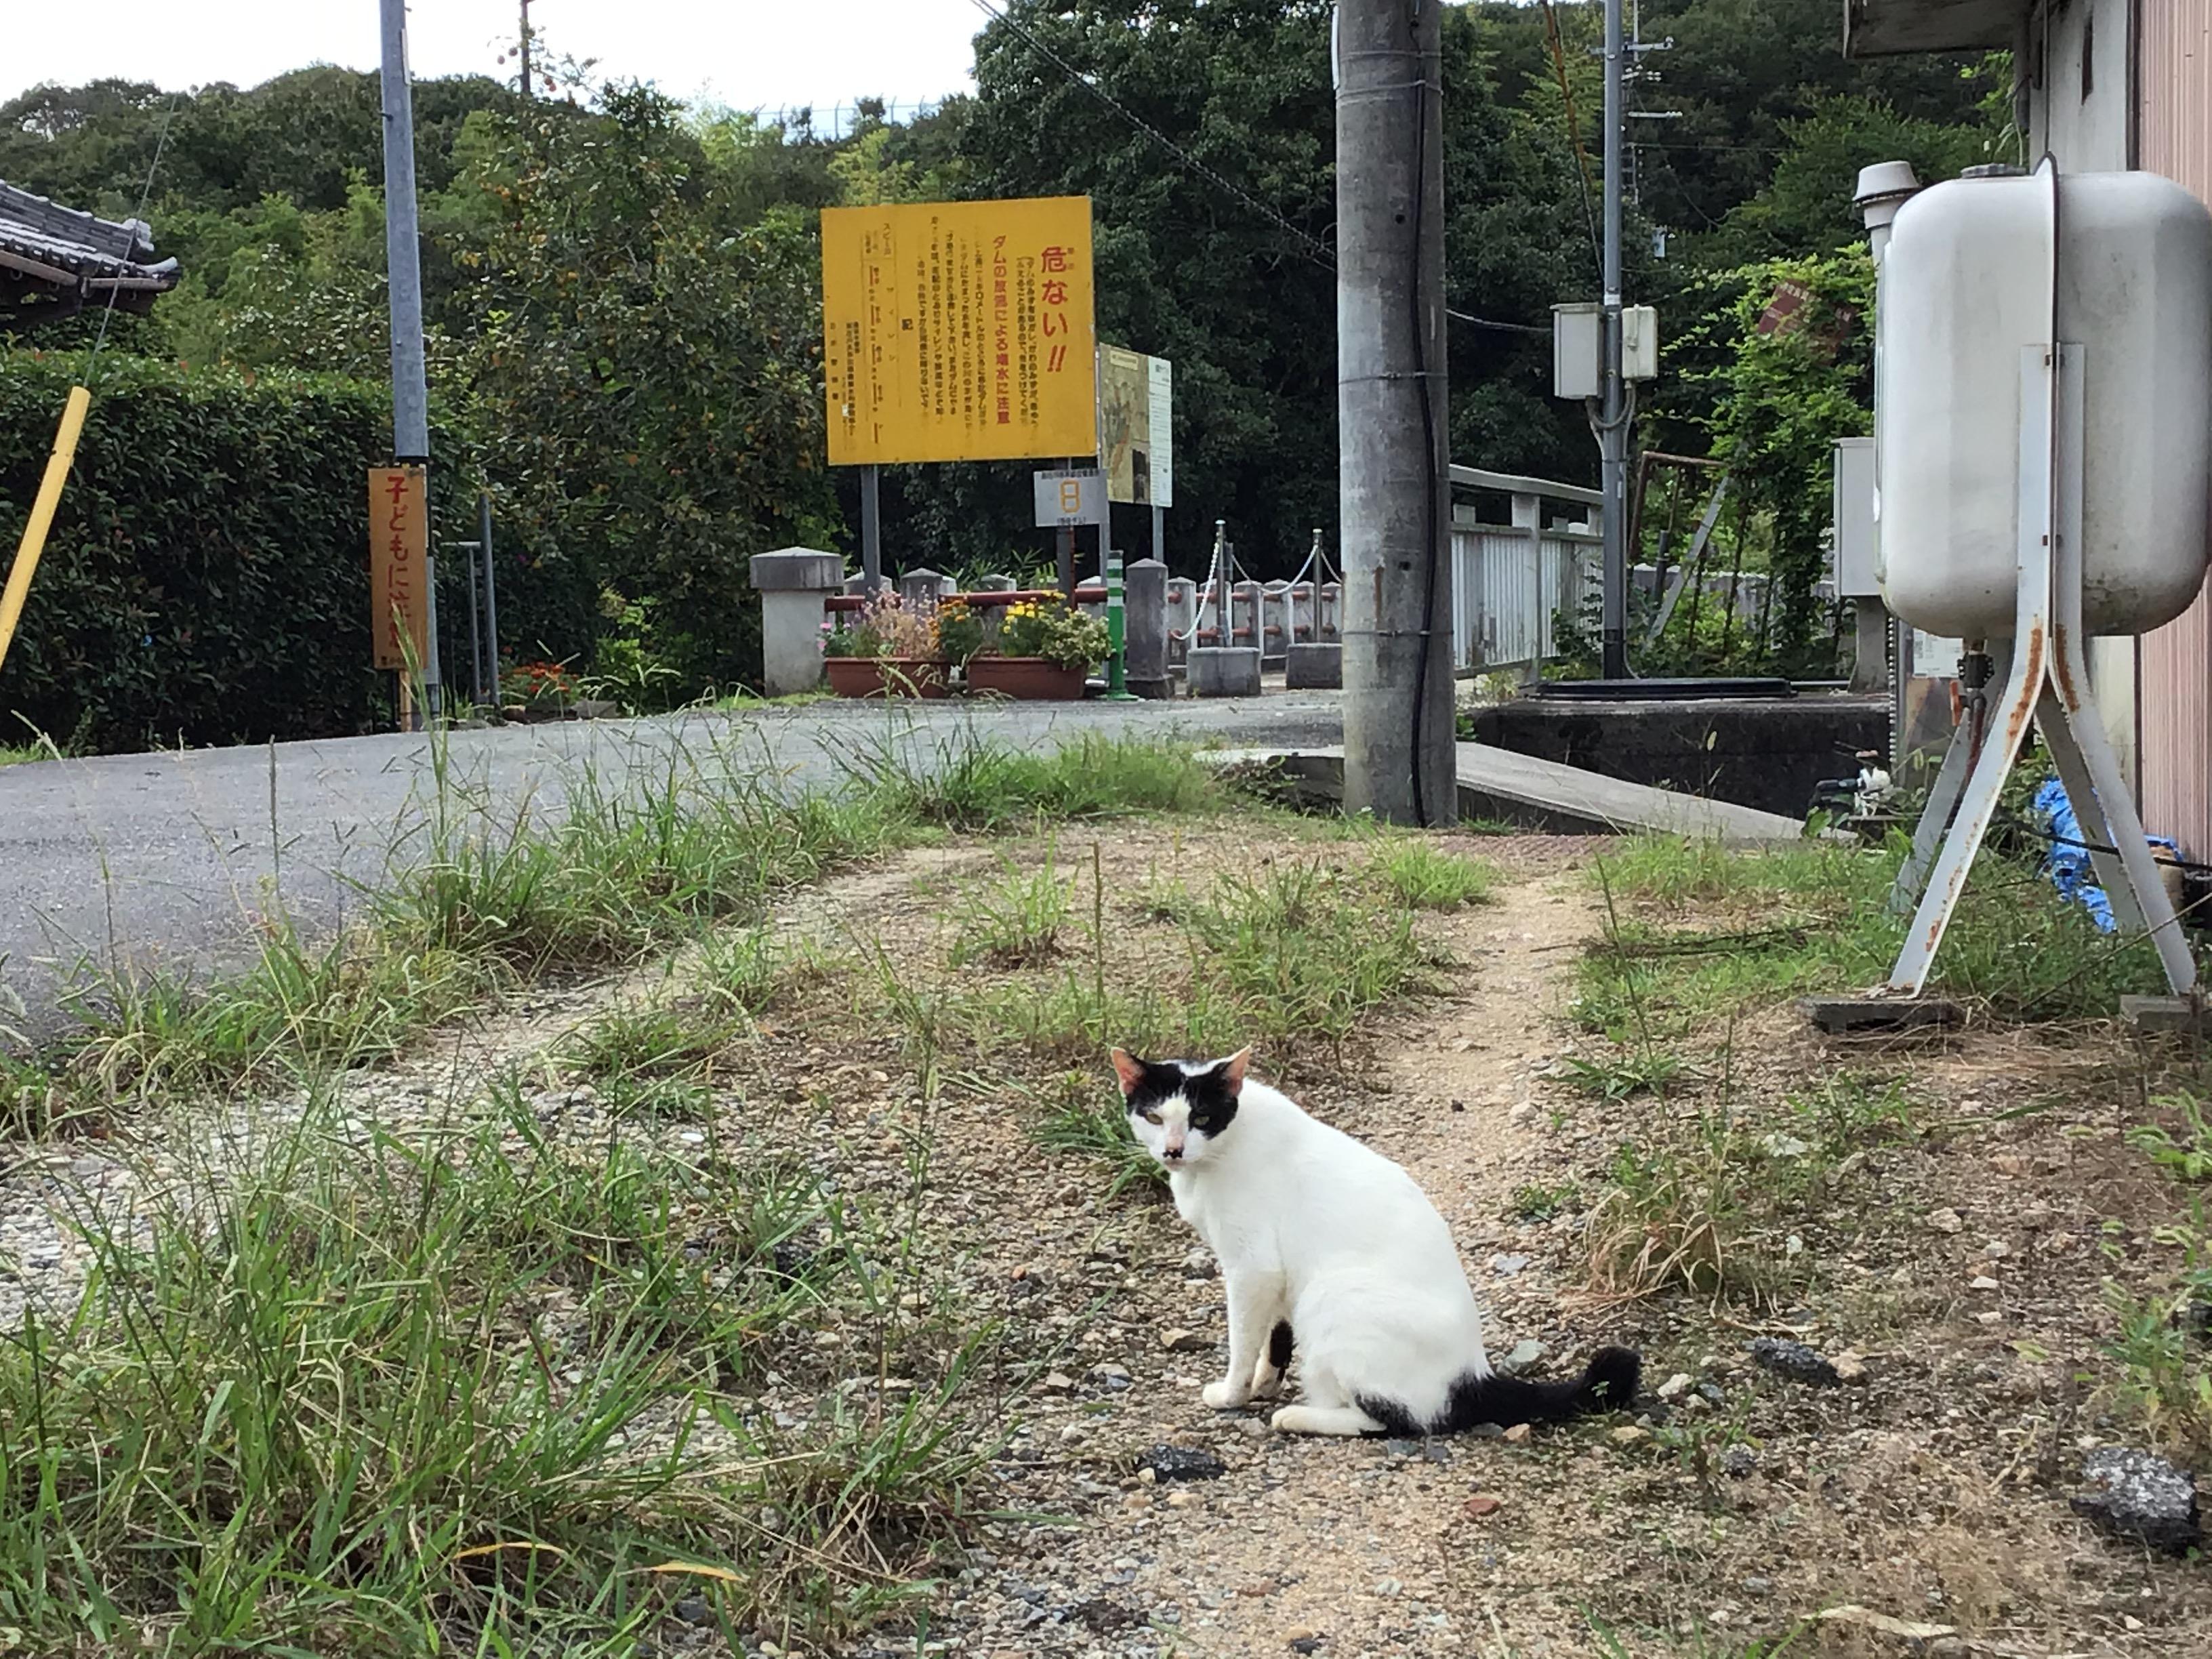 御坂サイフォン水路橋入口の招き猫。『さあ疏水学習が始まるよ。』